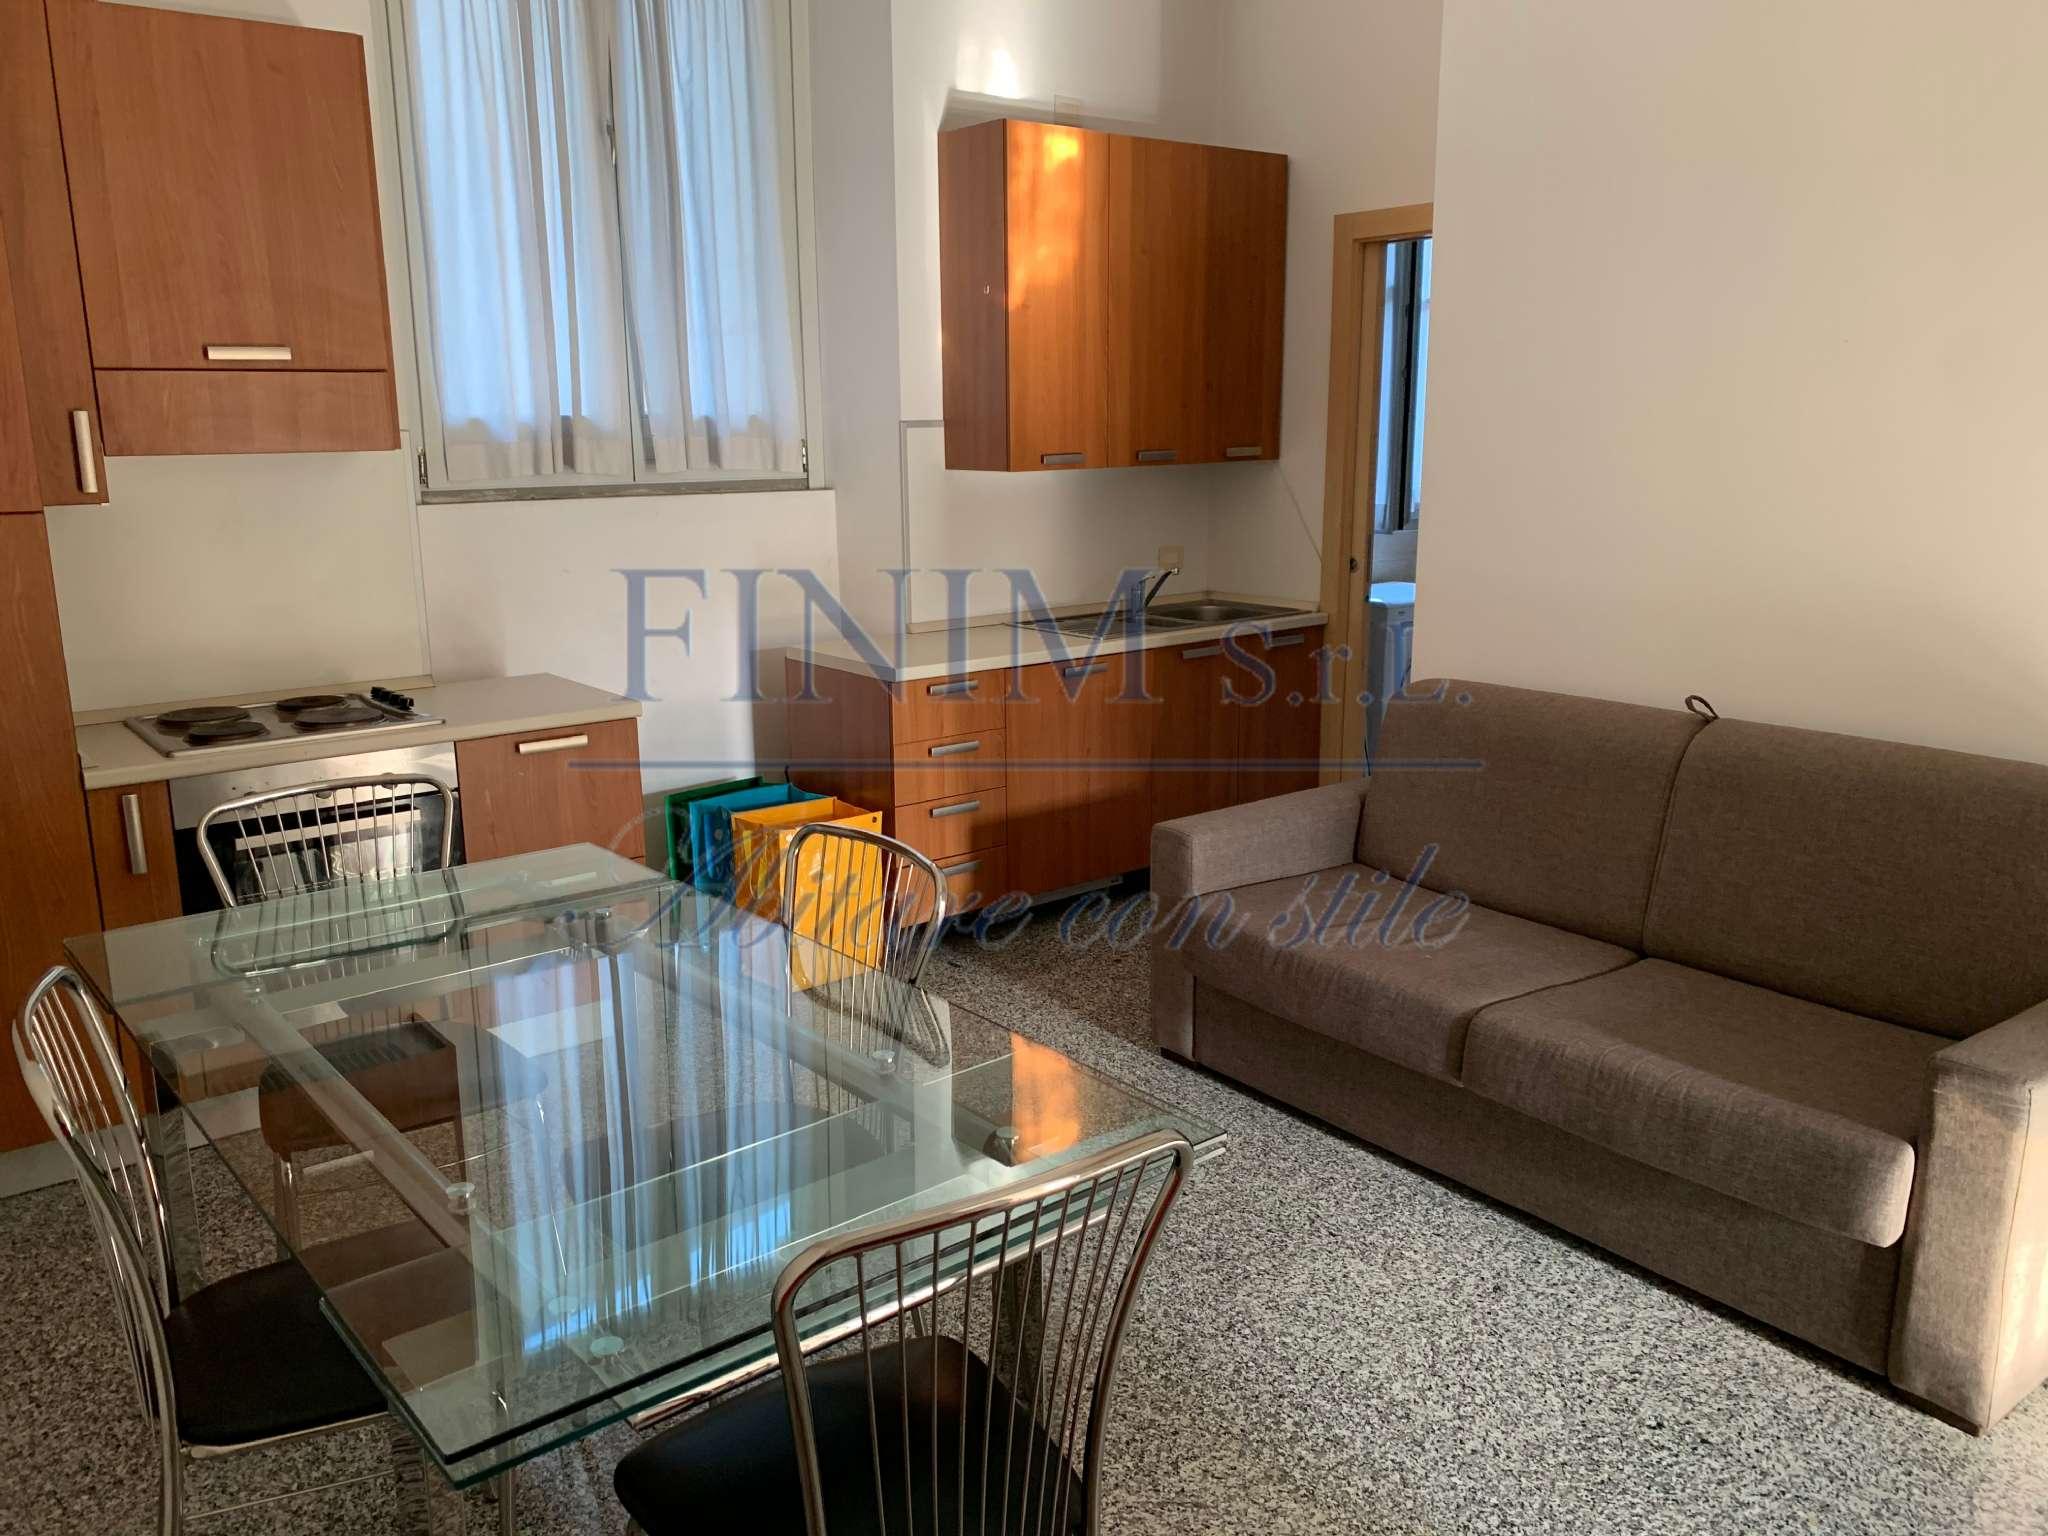 Appartamento in Affitto a Milano 30 Niguarda / Bovisasca / Testi / Bruzzano / Affori / Comasina:  2 locali, 80 mq  - Foto 1